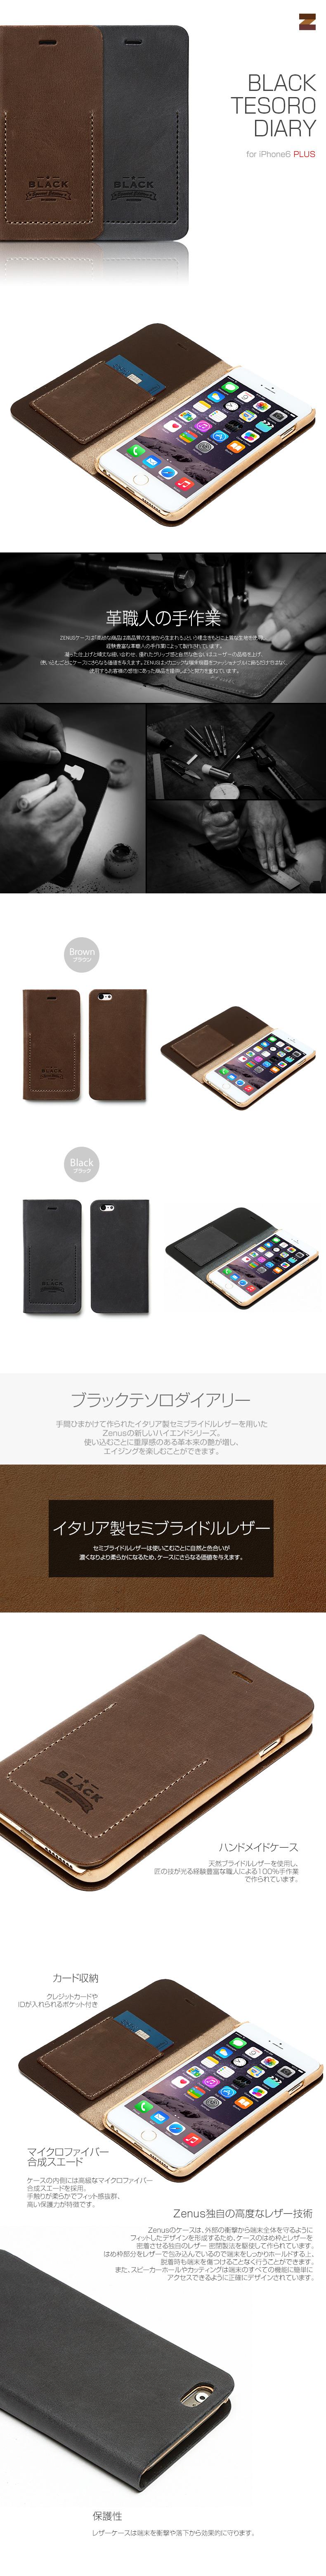 ze_i6p_BlackTesoroD_jp.jpg Gold